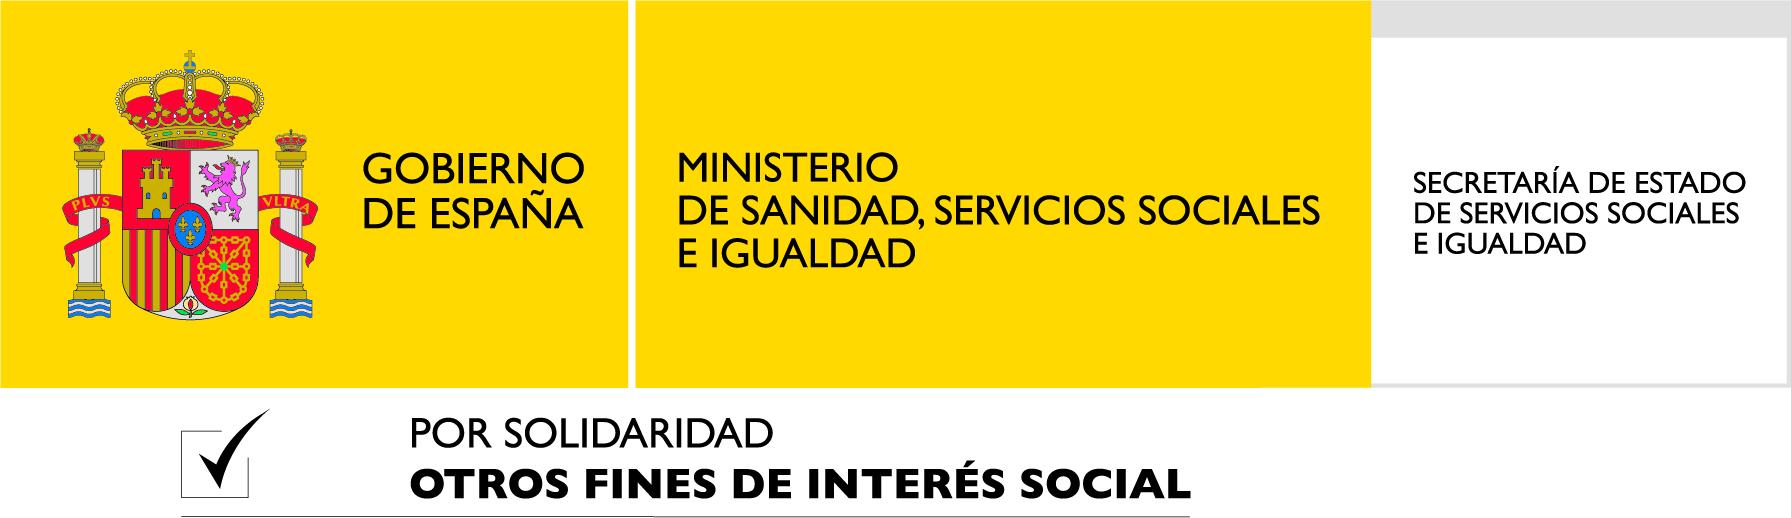 OTROS FIN IS GOB SECR - Servicios que favorecen la permanencia en casa: Servicio de ayuda a domicilio y acompañamientos sociosanitarios